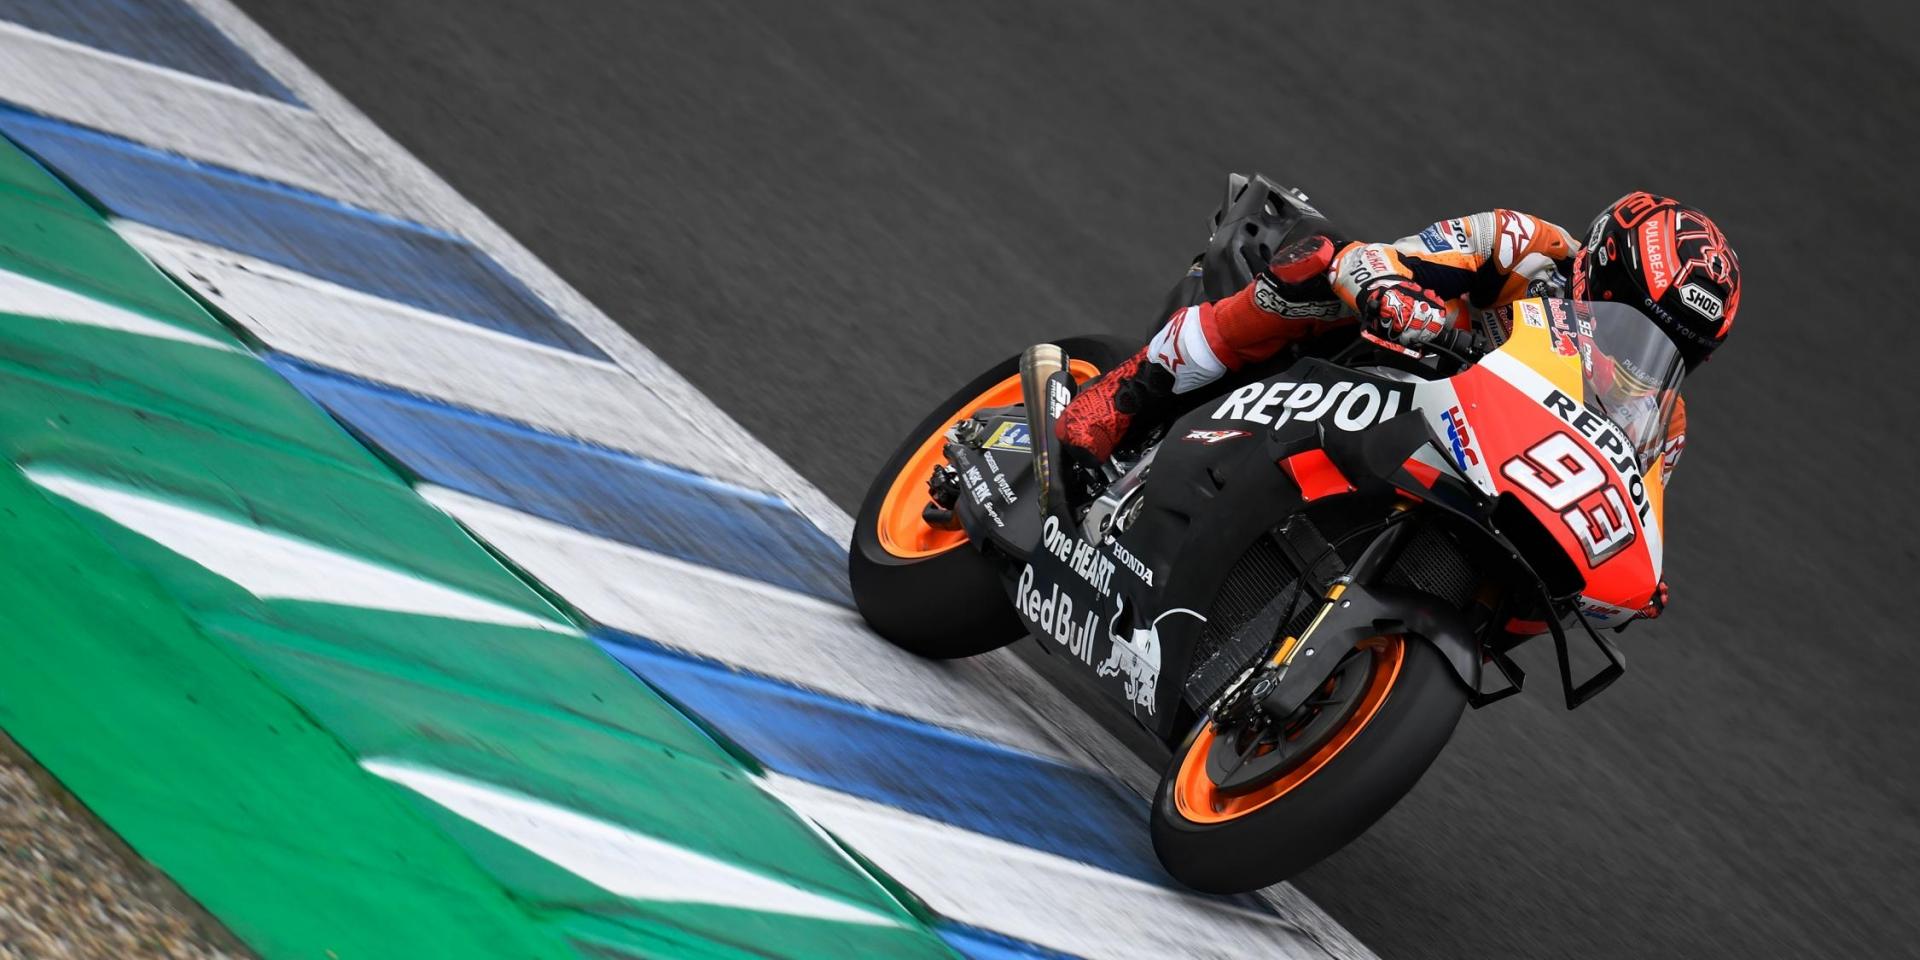 這次換右邊!Marc Marquez結束Jerez測試後再度接受右肩手術